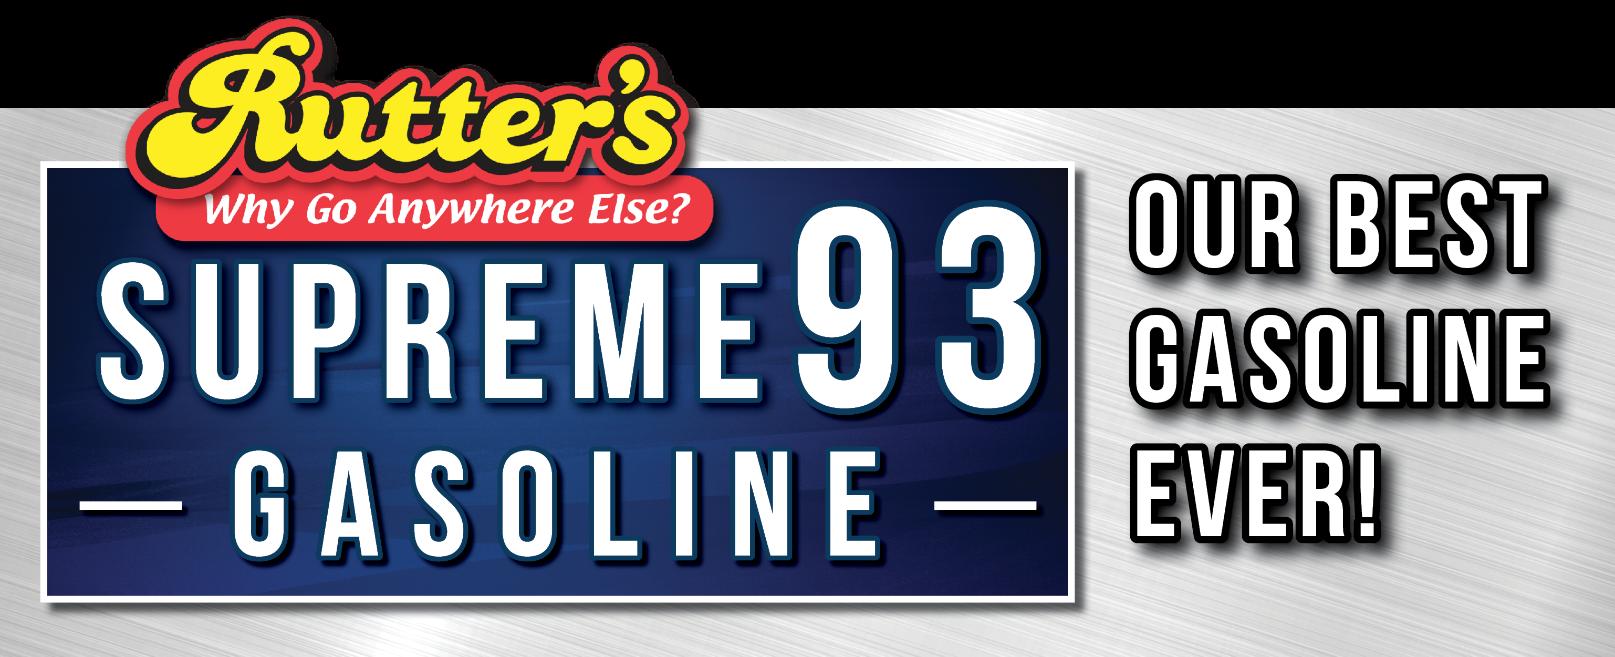 Rutter's Supreme 93